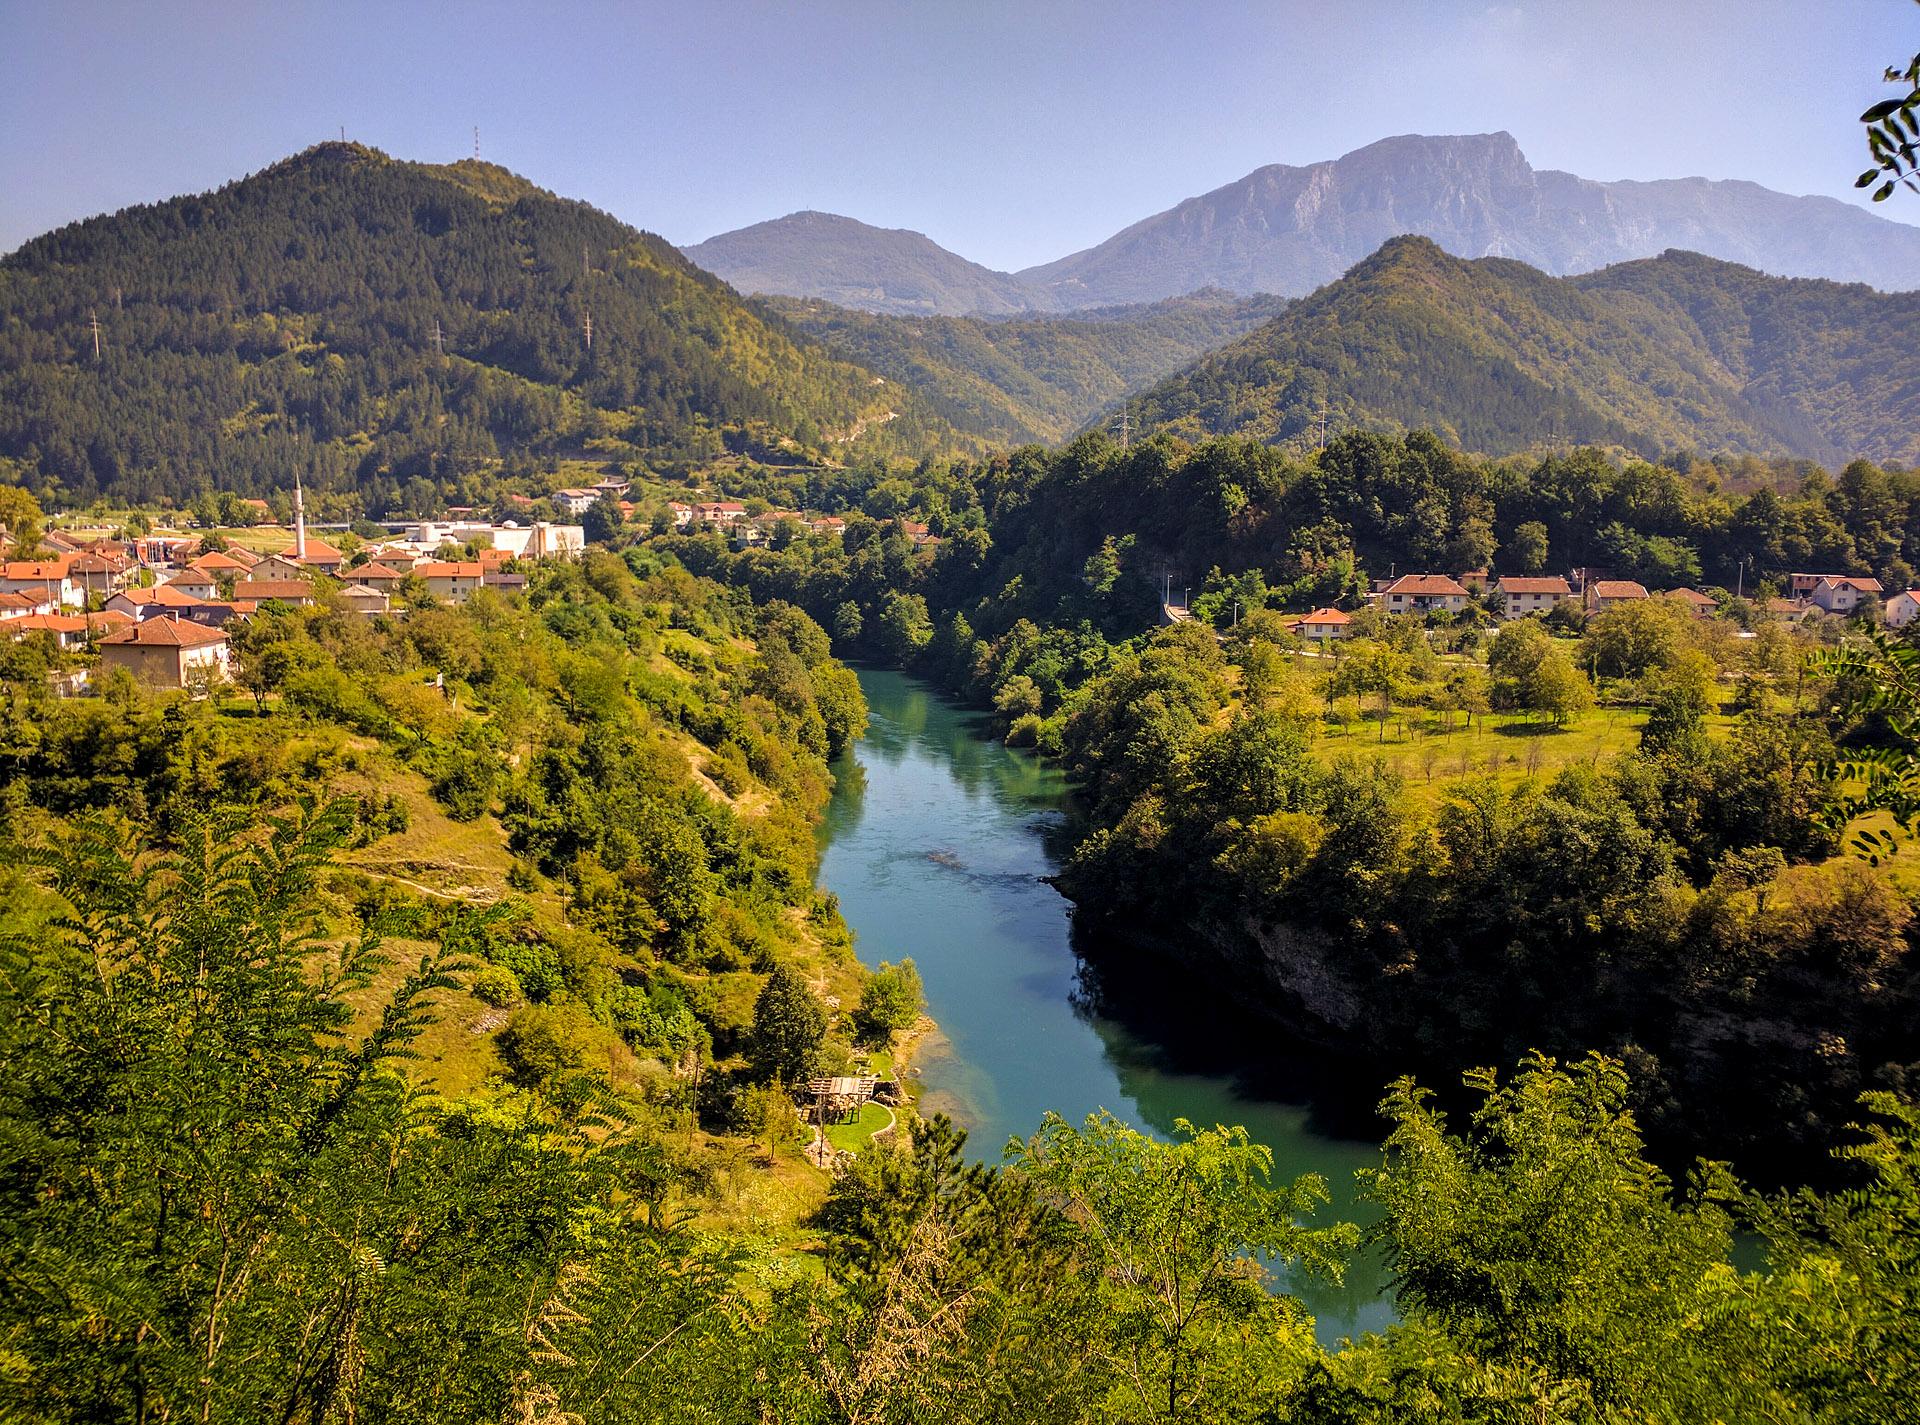 Jablanica, Bosnia & Herzegovina (Neretva River)